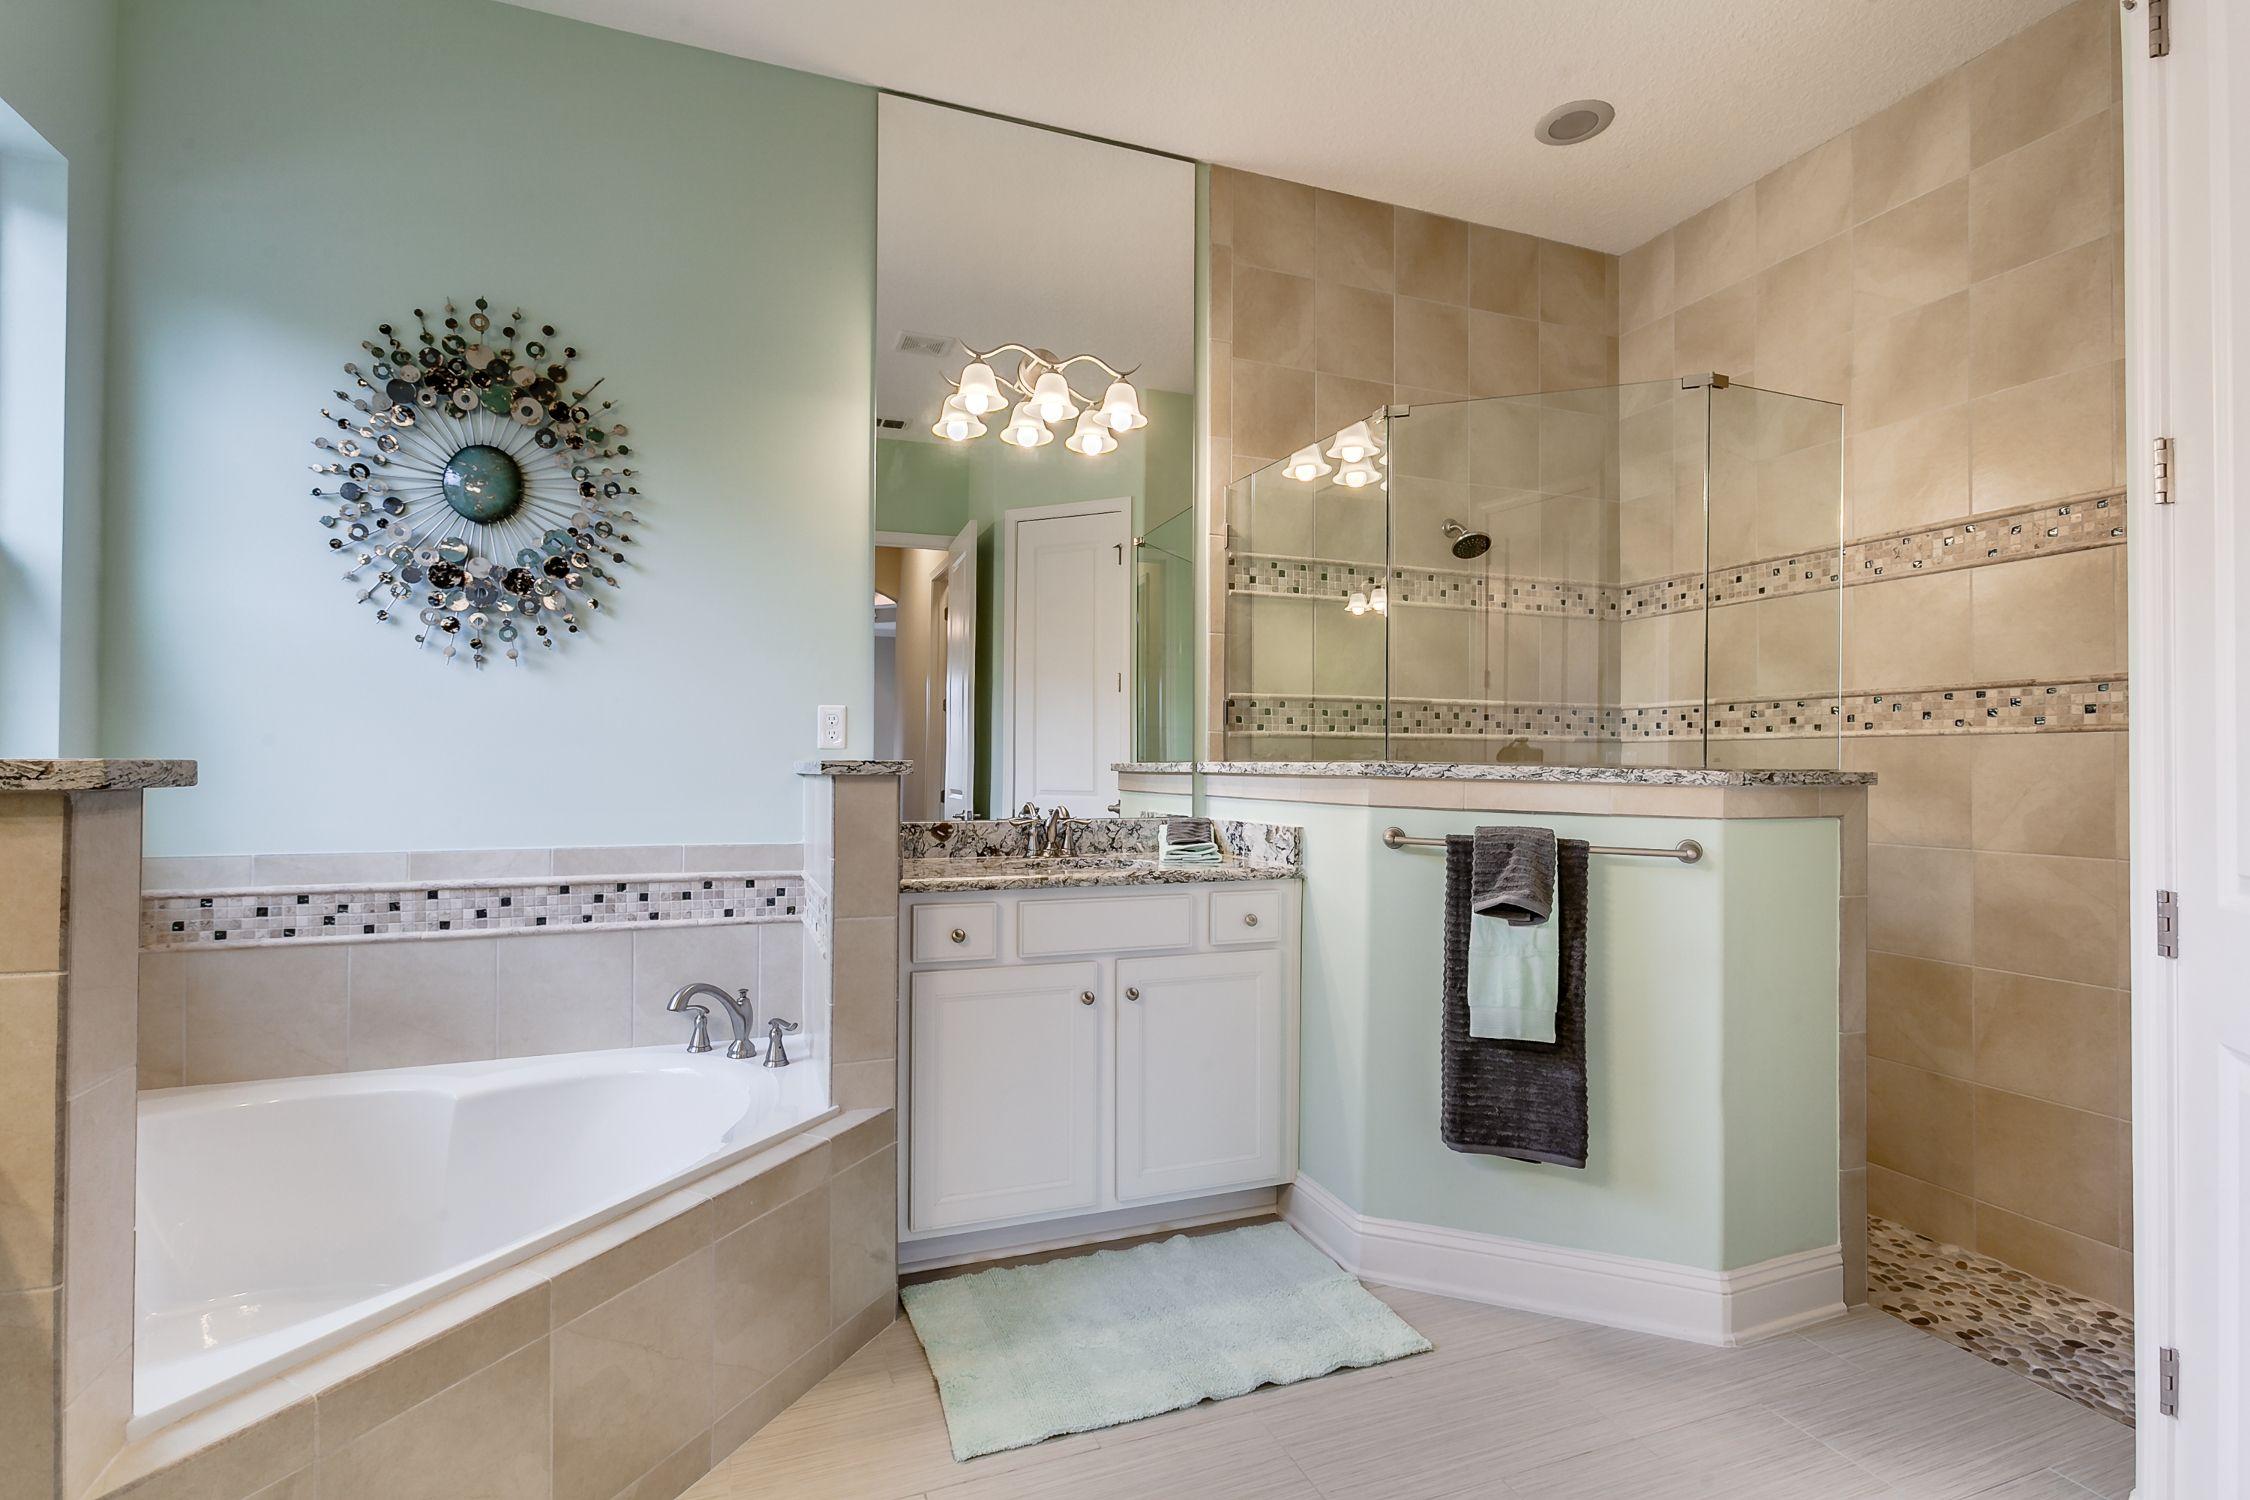 Model Home in John's Landing: Master Bath.